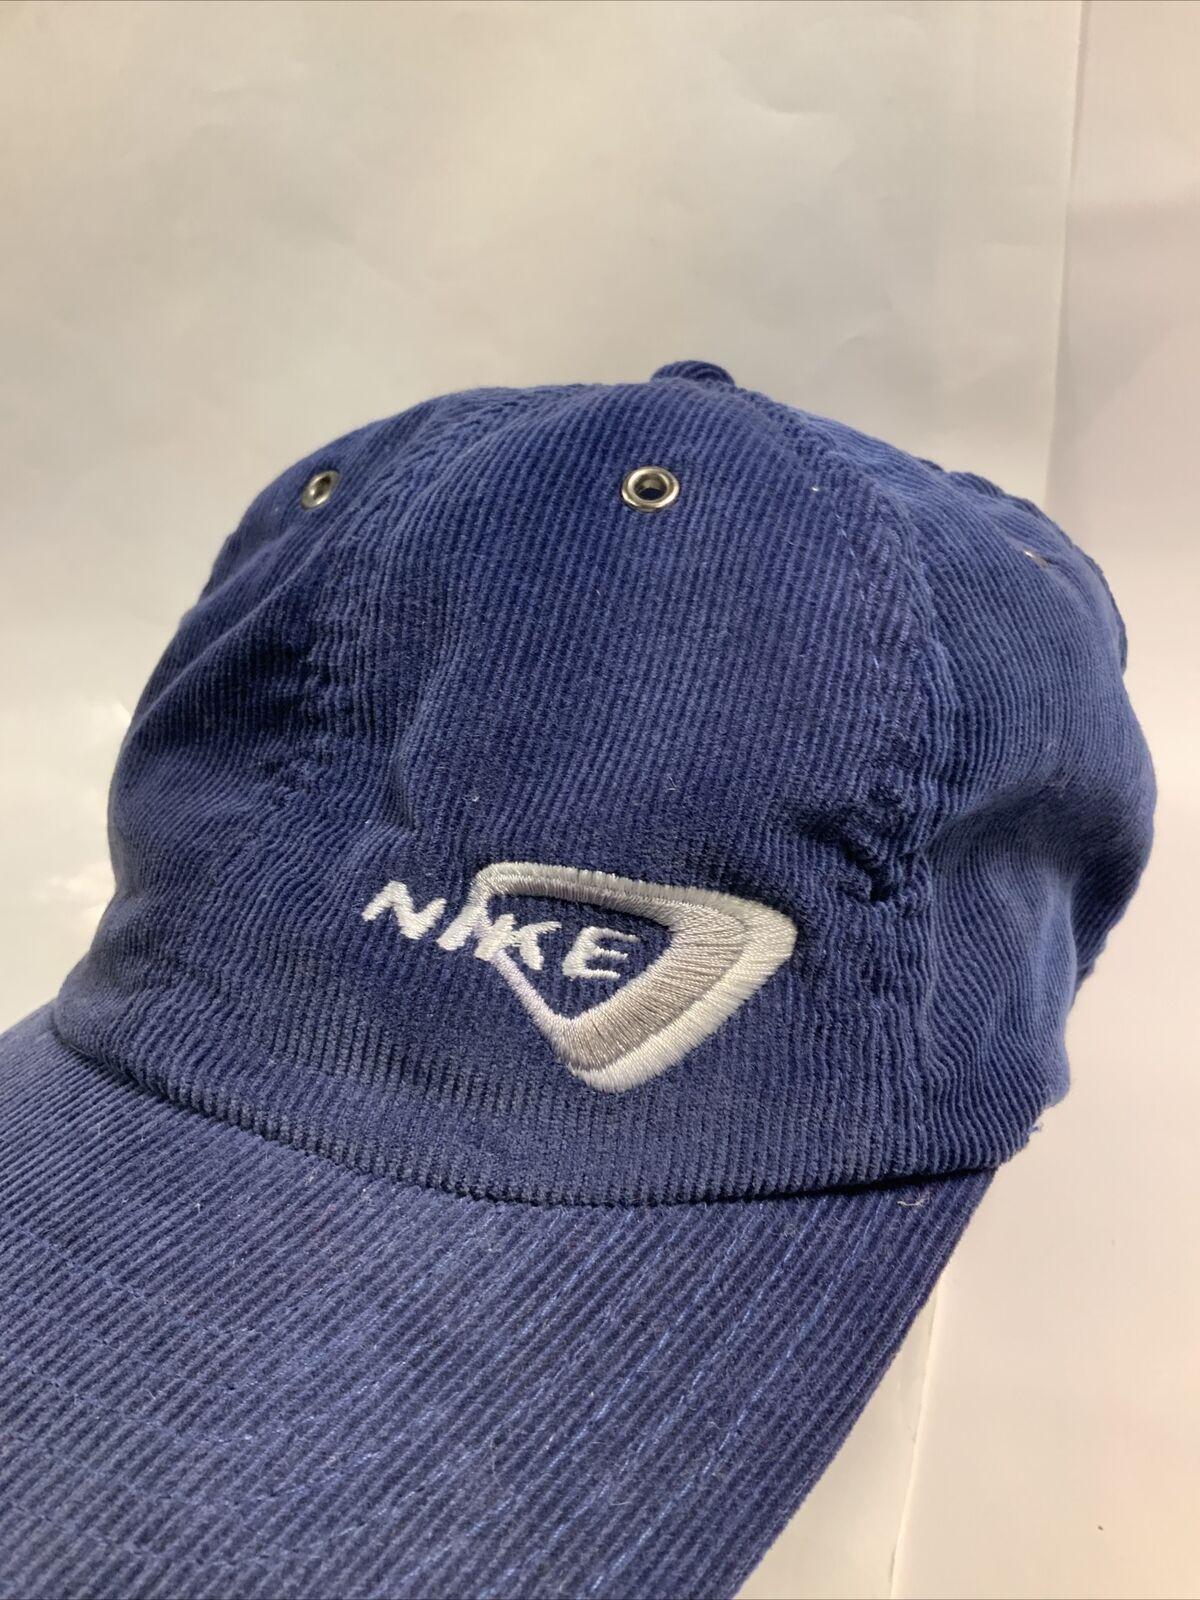 Vintage Nike Hat Corduroy 80s - 90'S Blue AUTHENT… - image 2